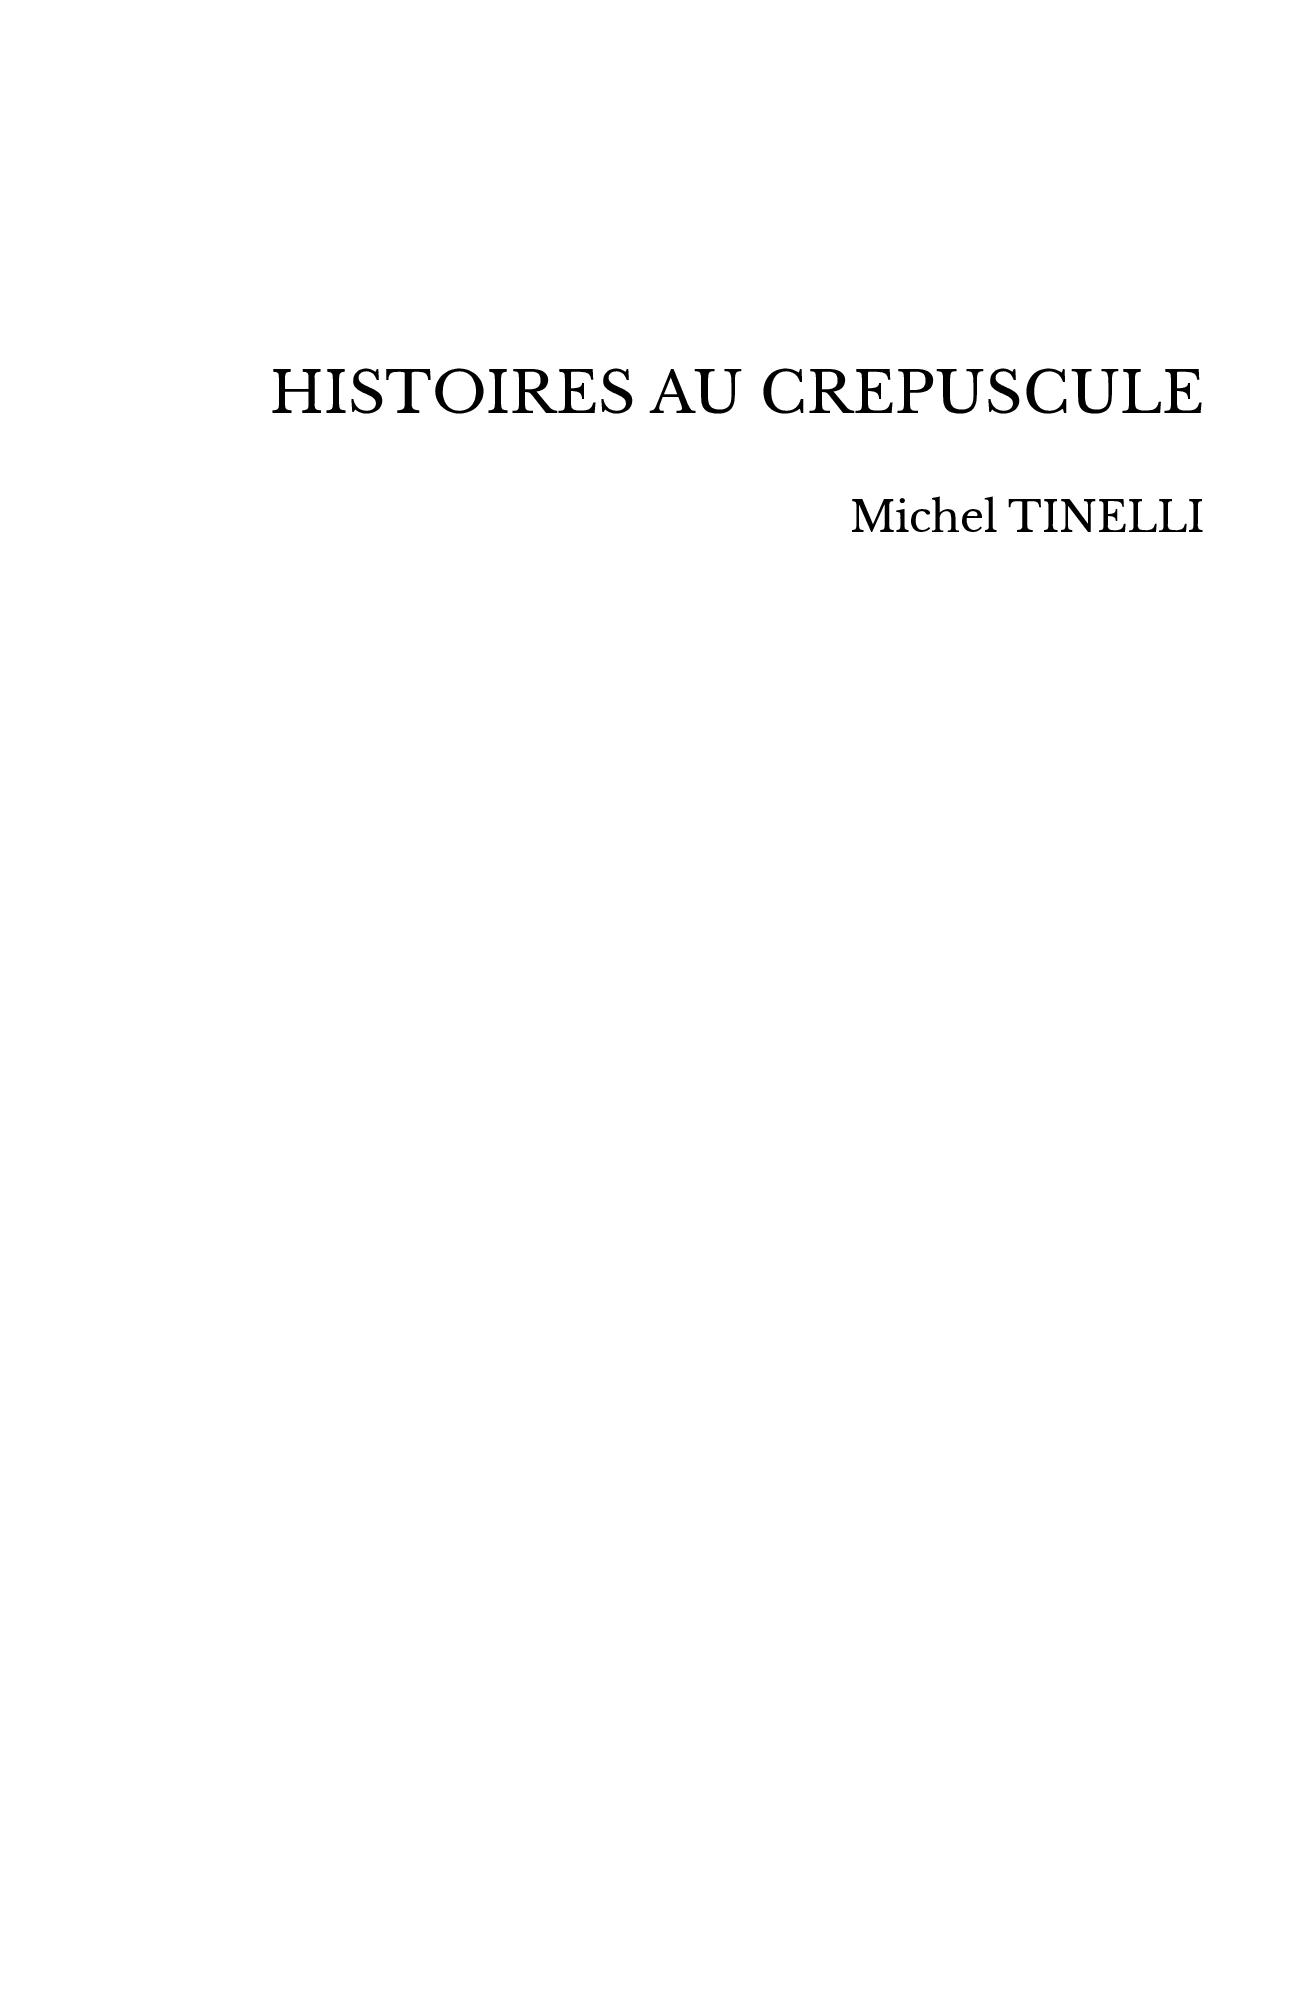 HISTOIRES AU CREPUSCULE